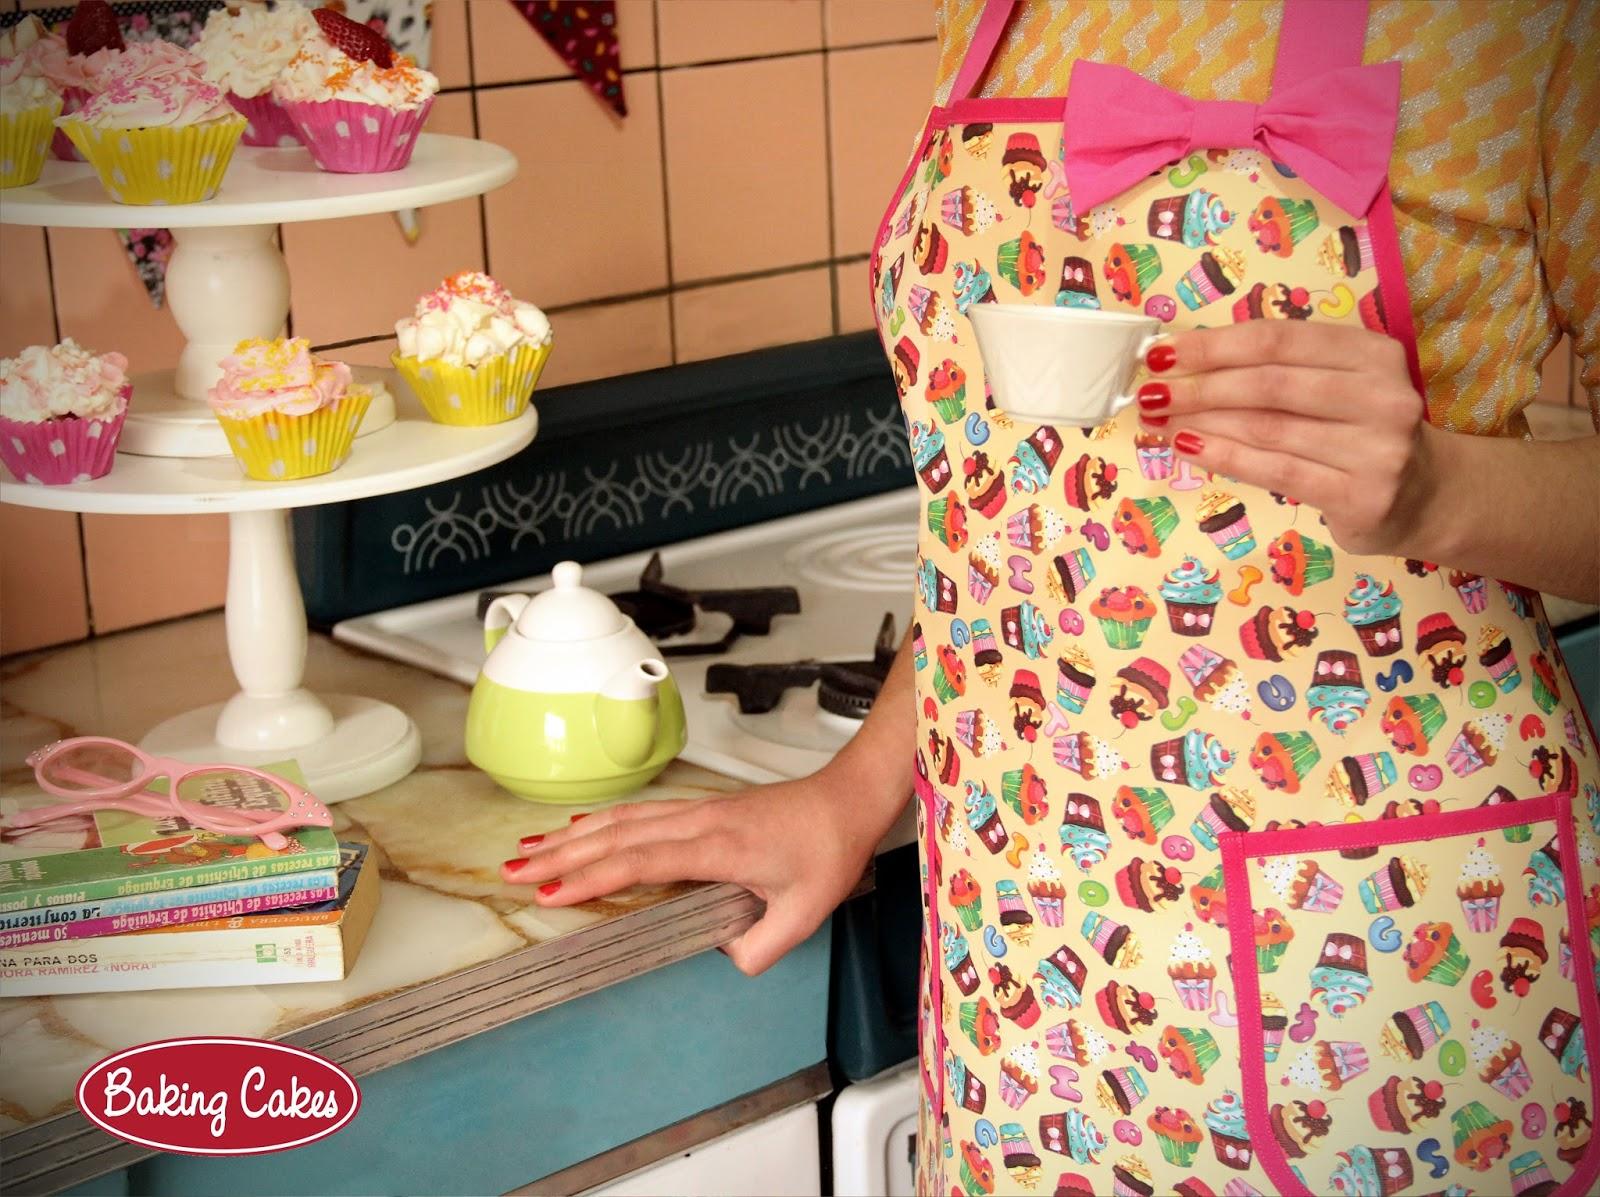 Baking cakes delantales y accesorios de cocina for Sanitarios bellavista modelos antiguos